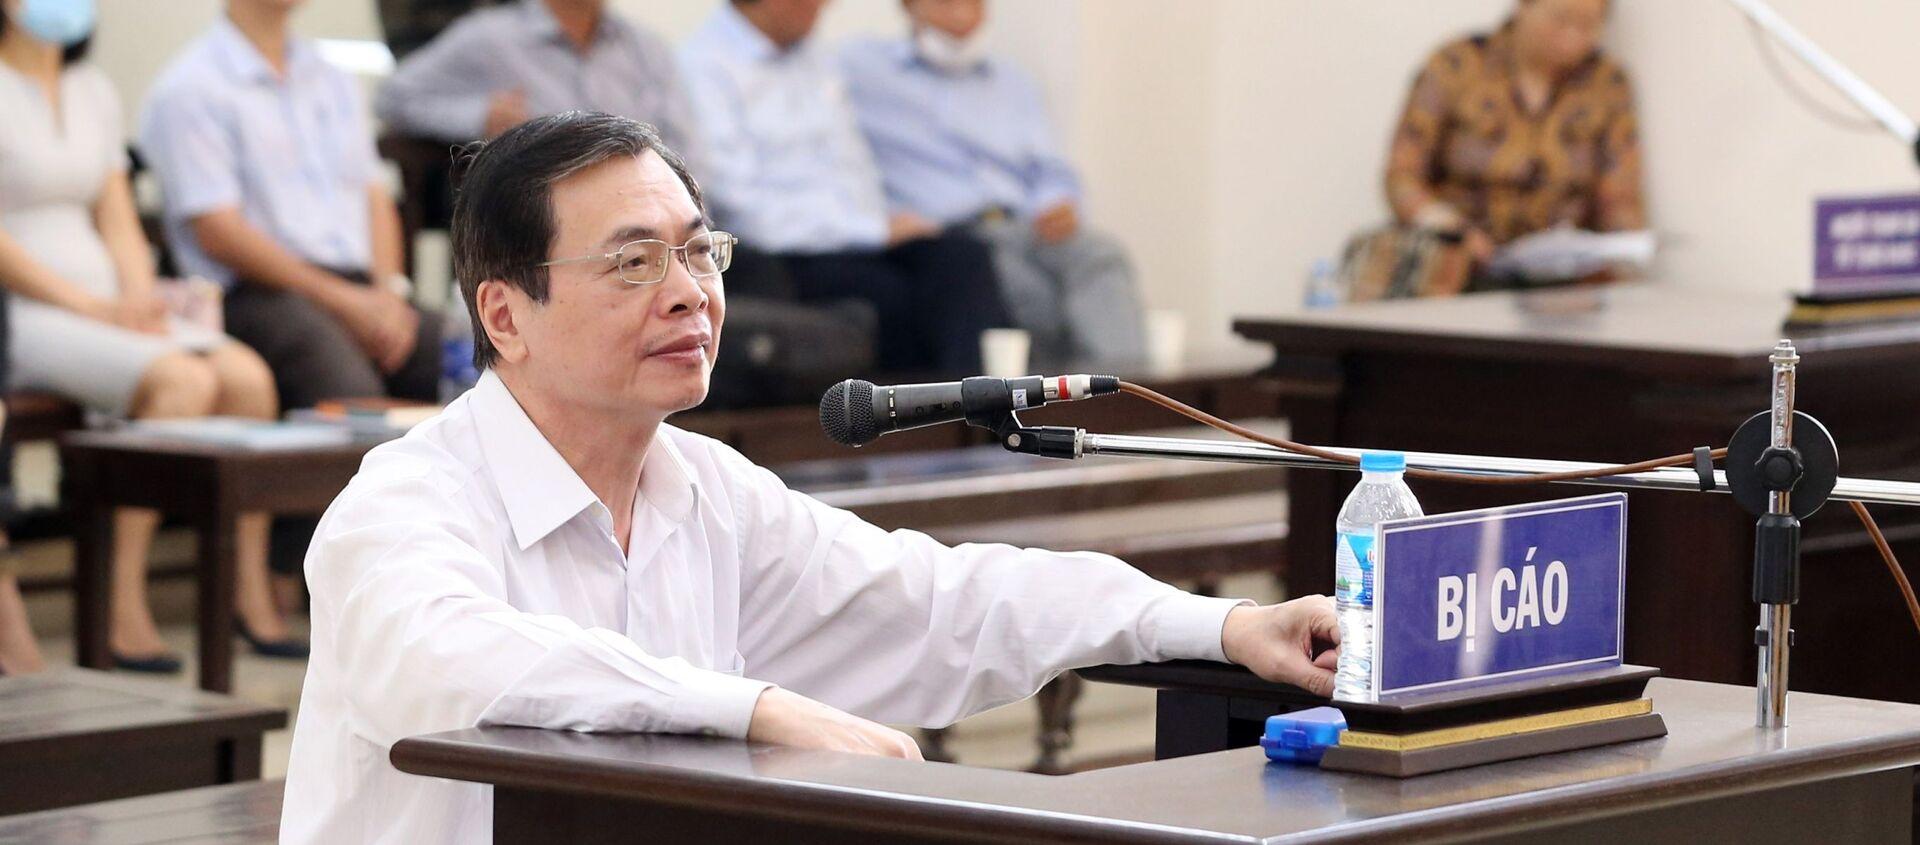 Bị cáo Vũ Huy Hoàng (cựu Bộ trưởng Bộ Công Thương) trả lời câu hỏi của Hội đồng xét xử. - Sputnik Việt Nam, 1920, 22.04.2021